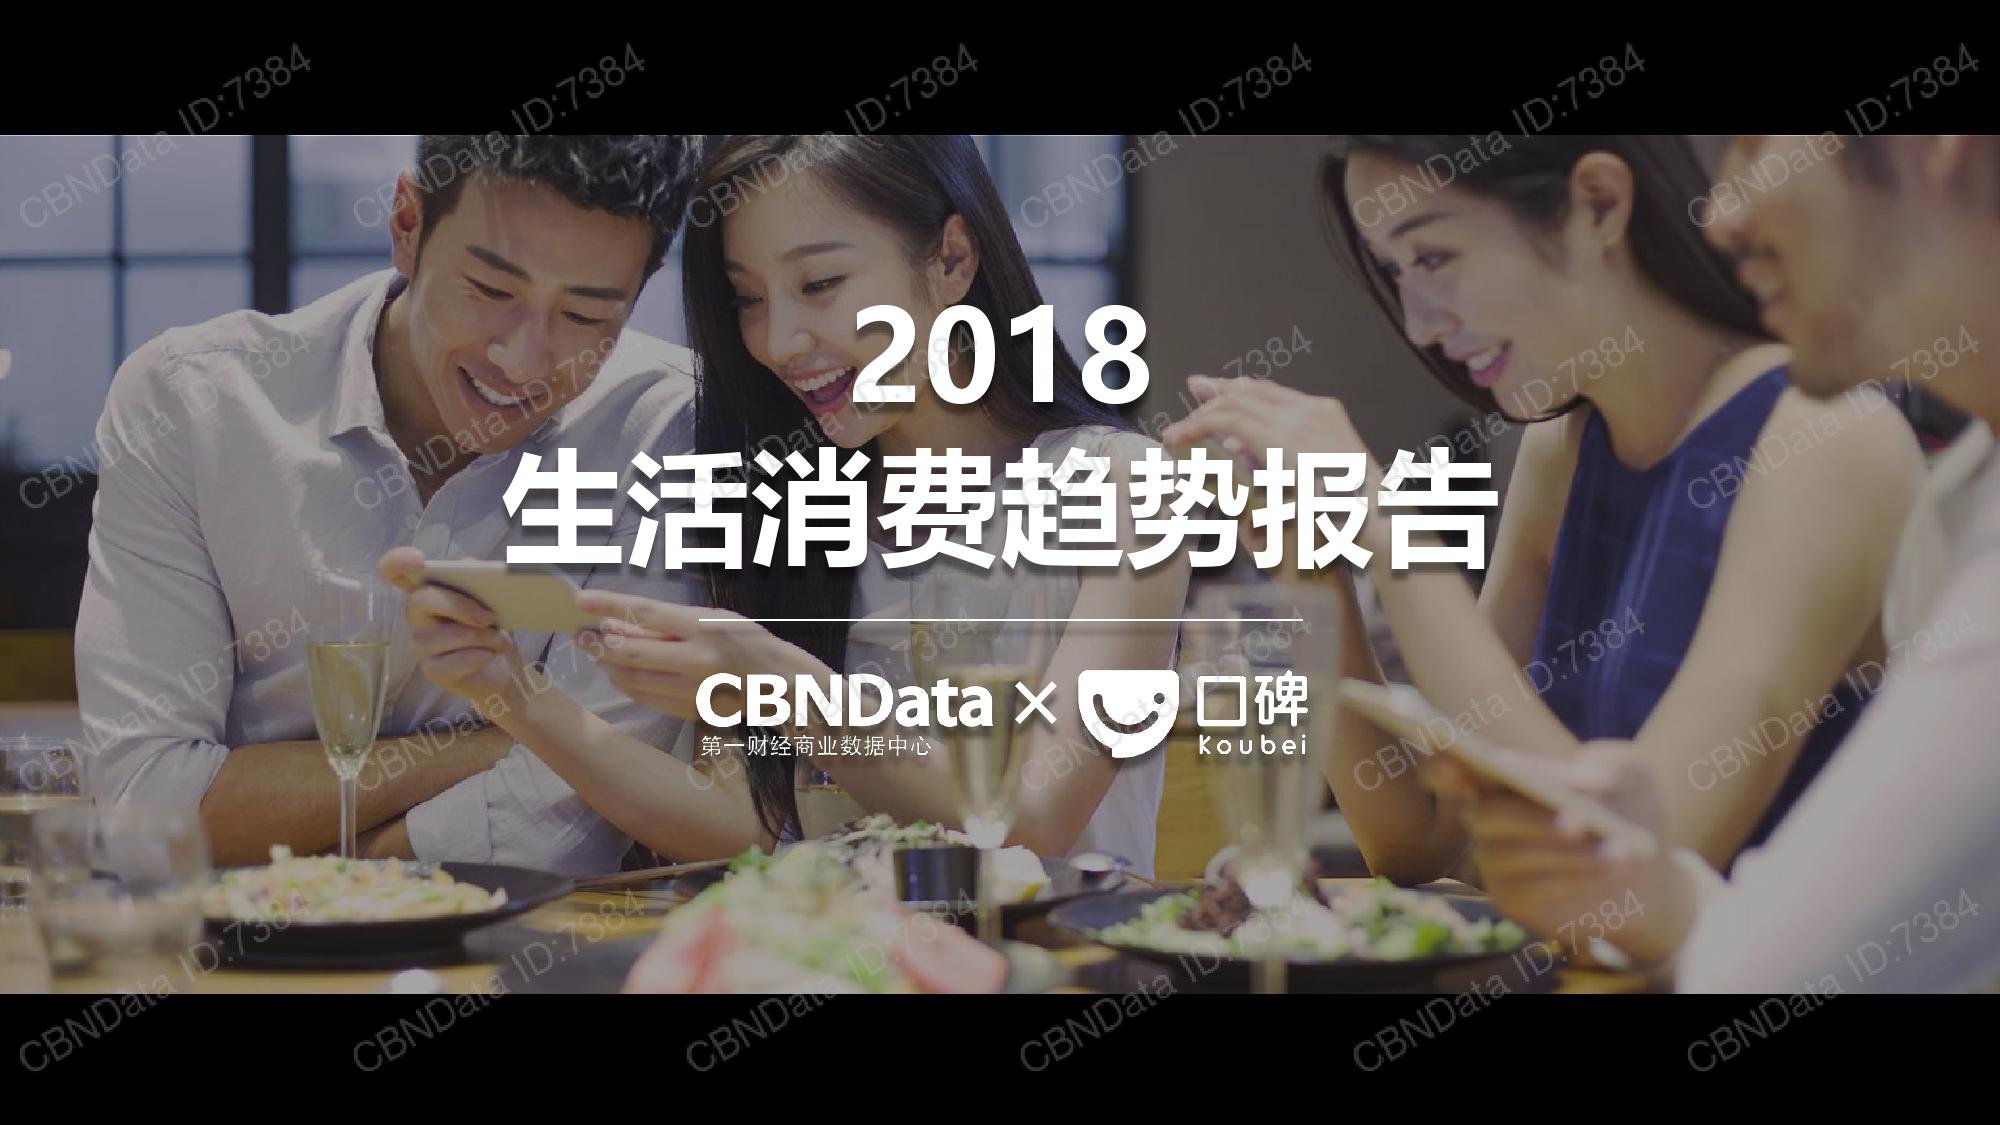 CBNData&口碑:2018生活消费趋势报告(附下载)